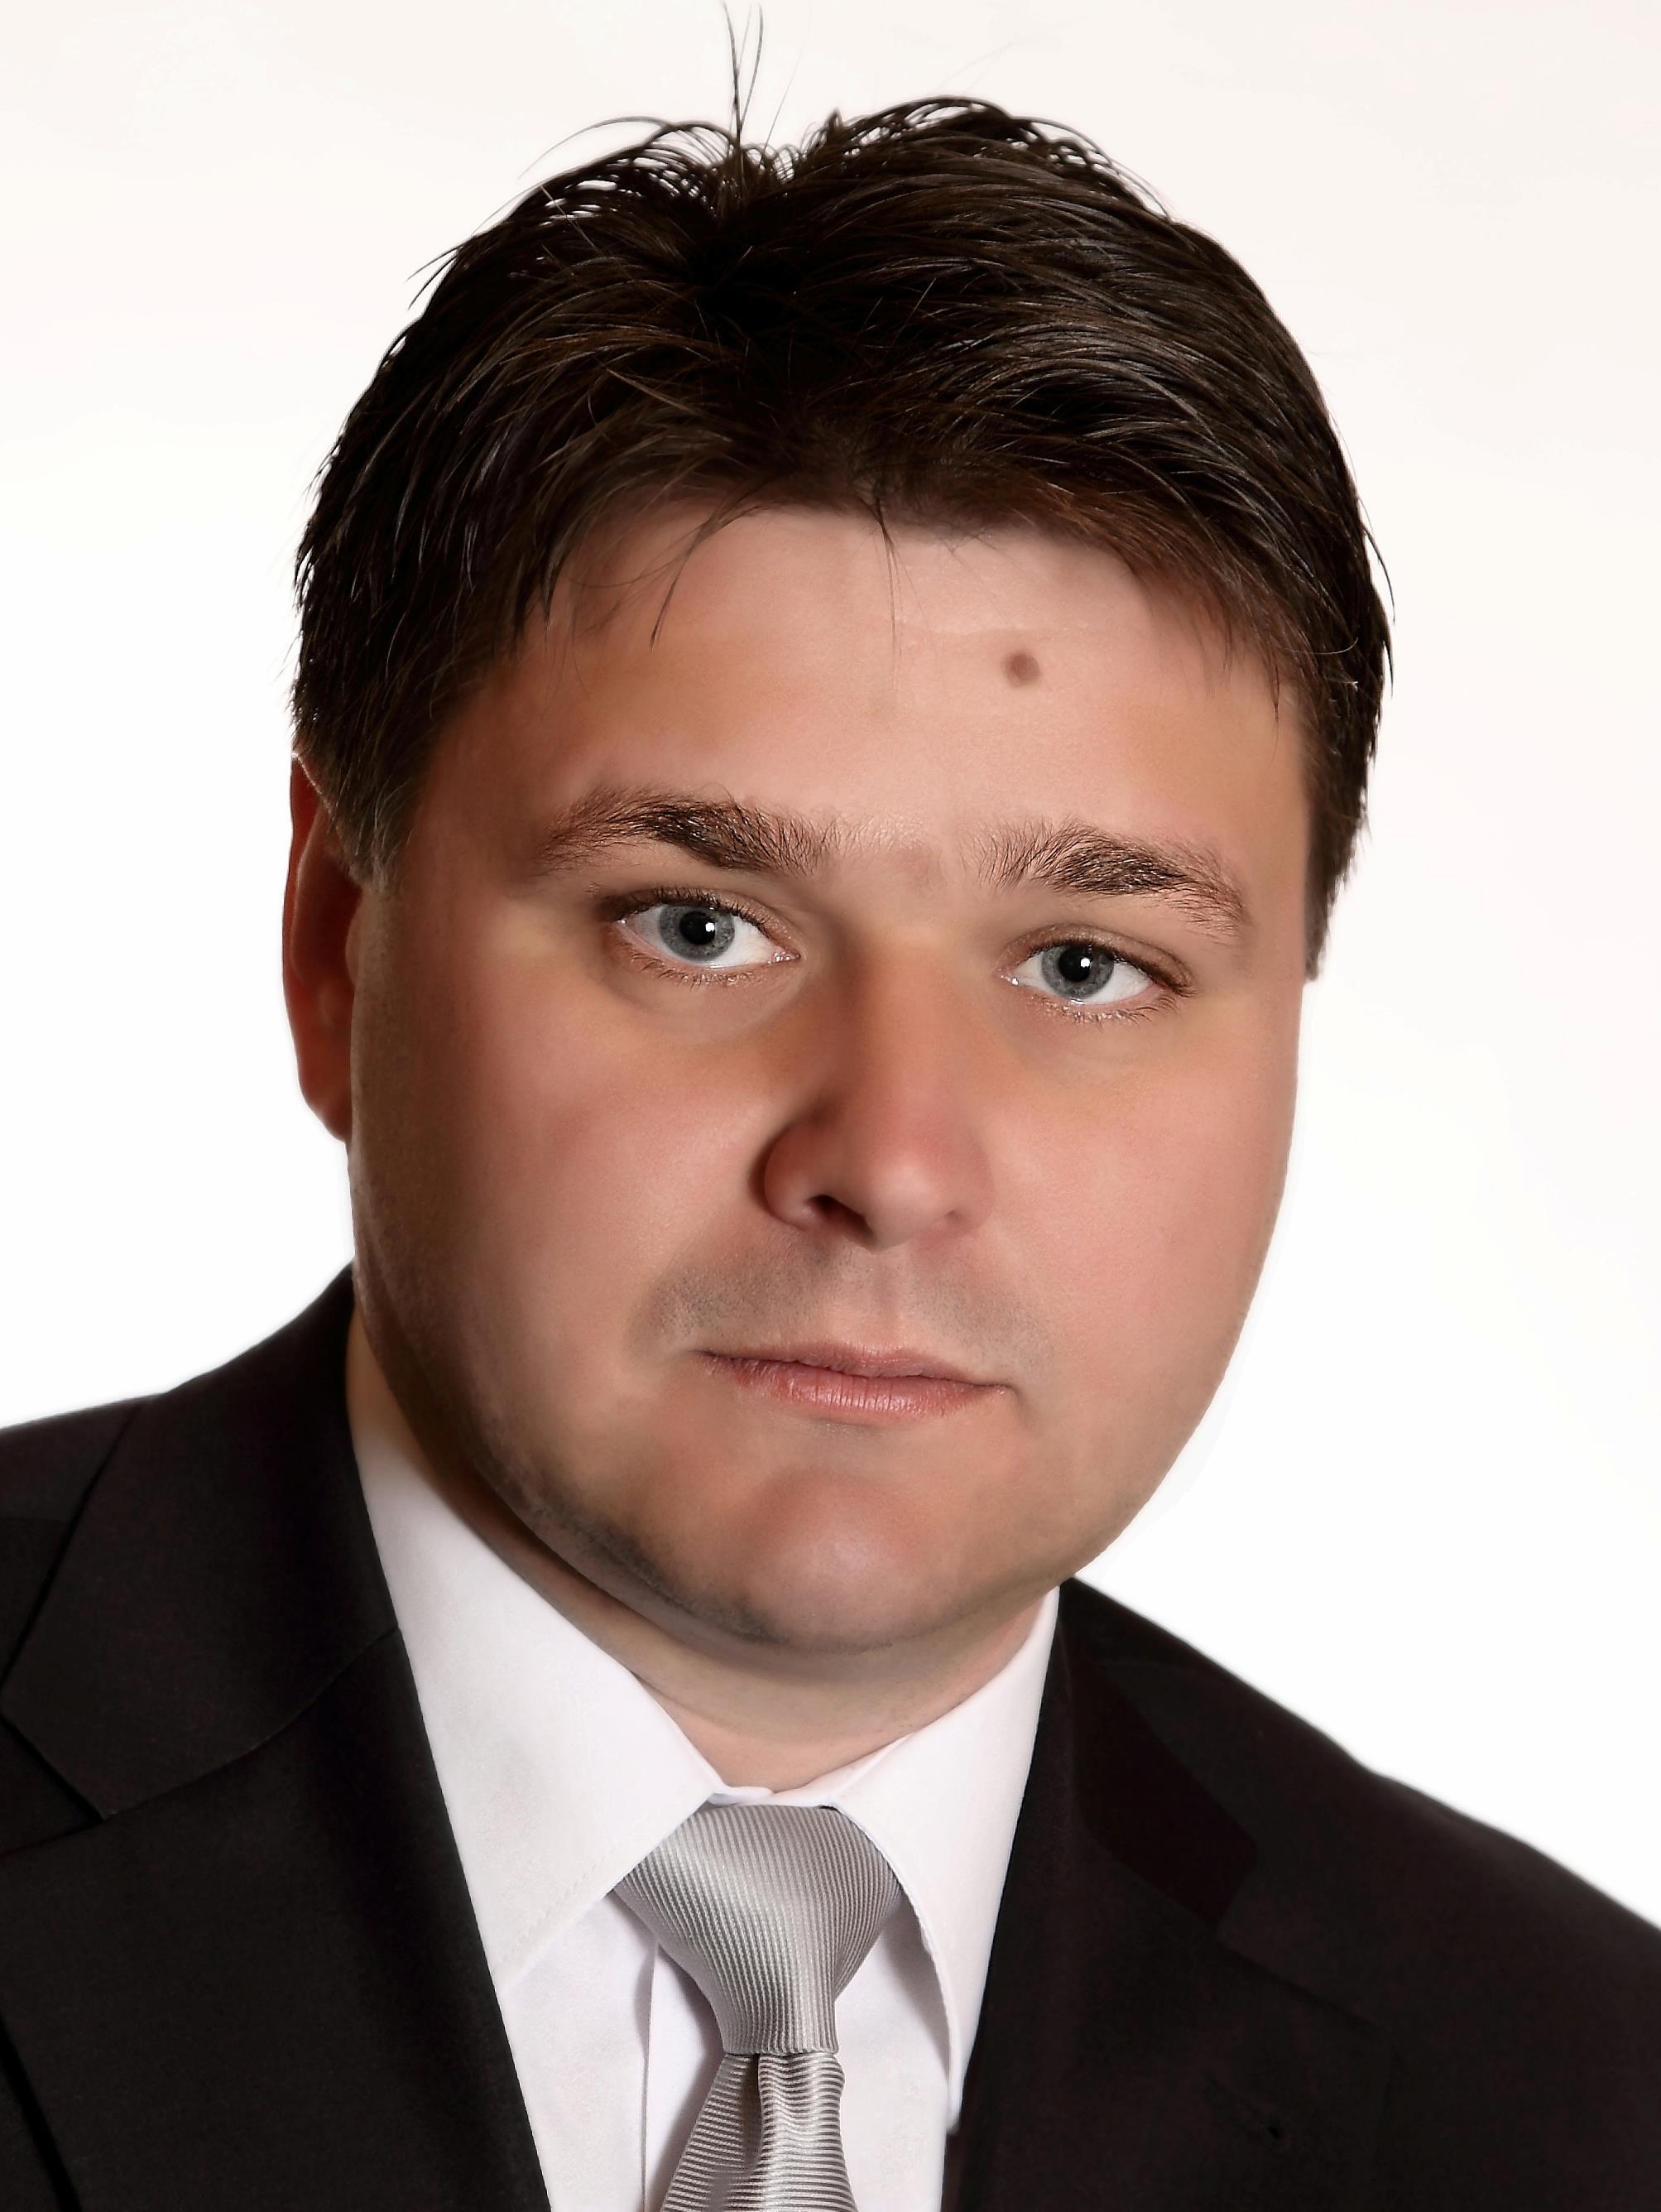 Čepák, Rastislav